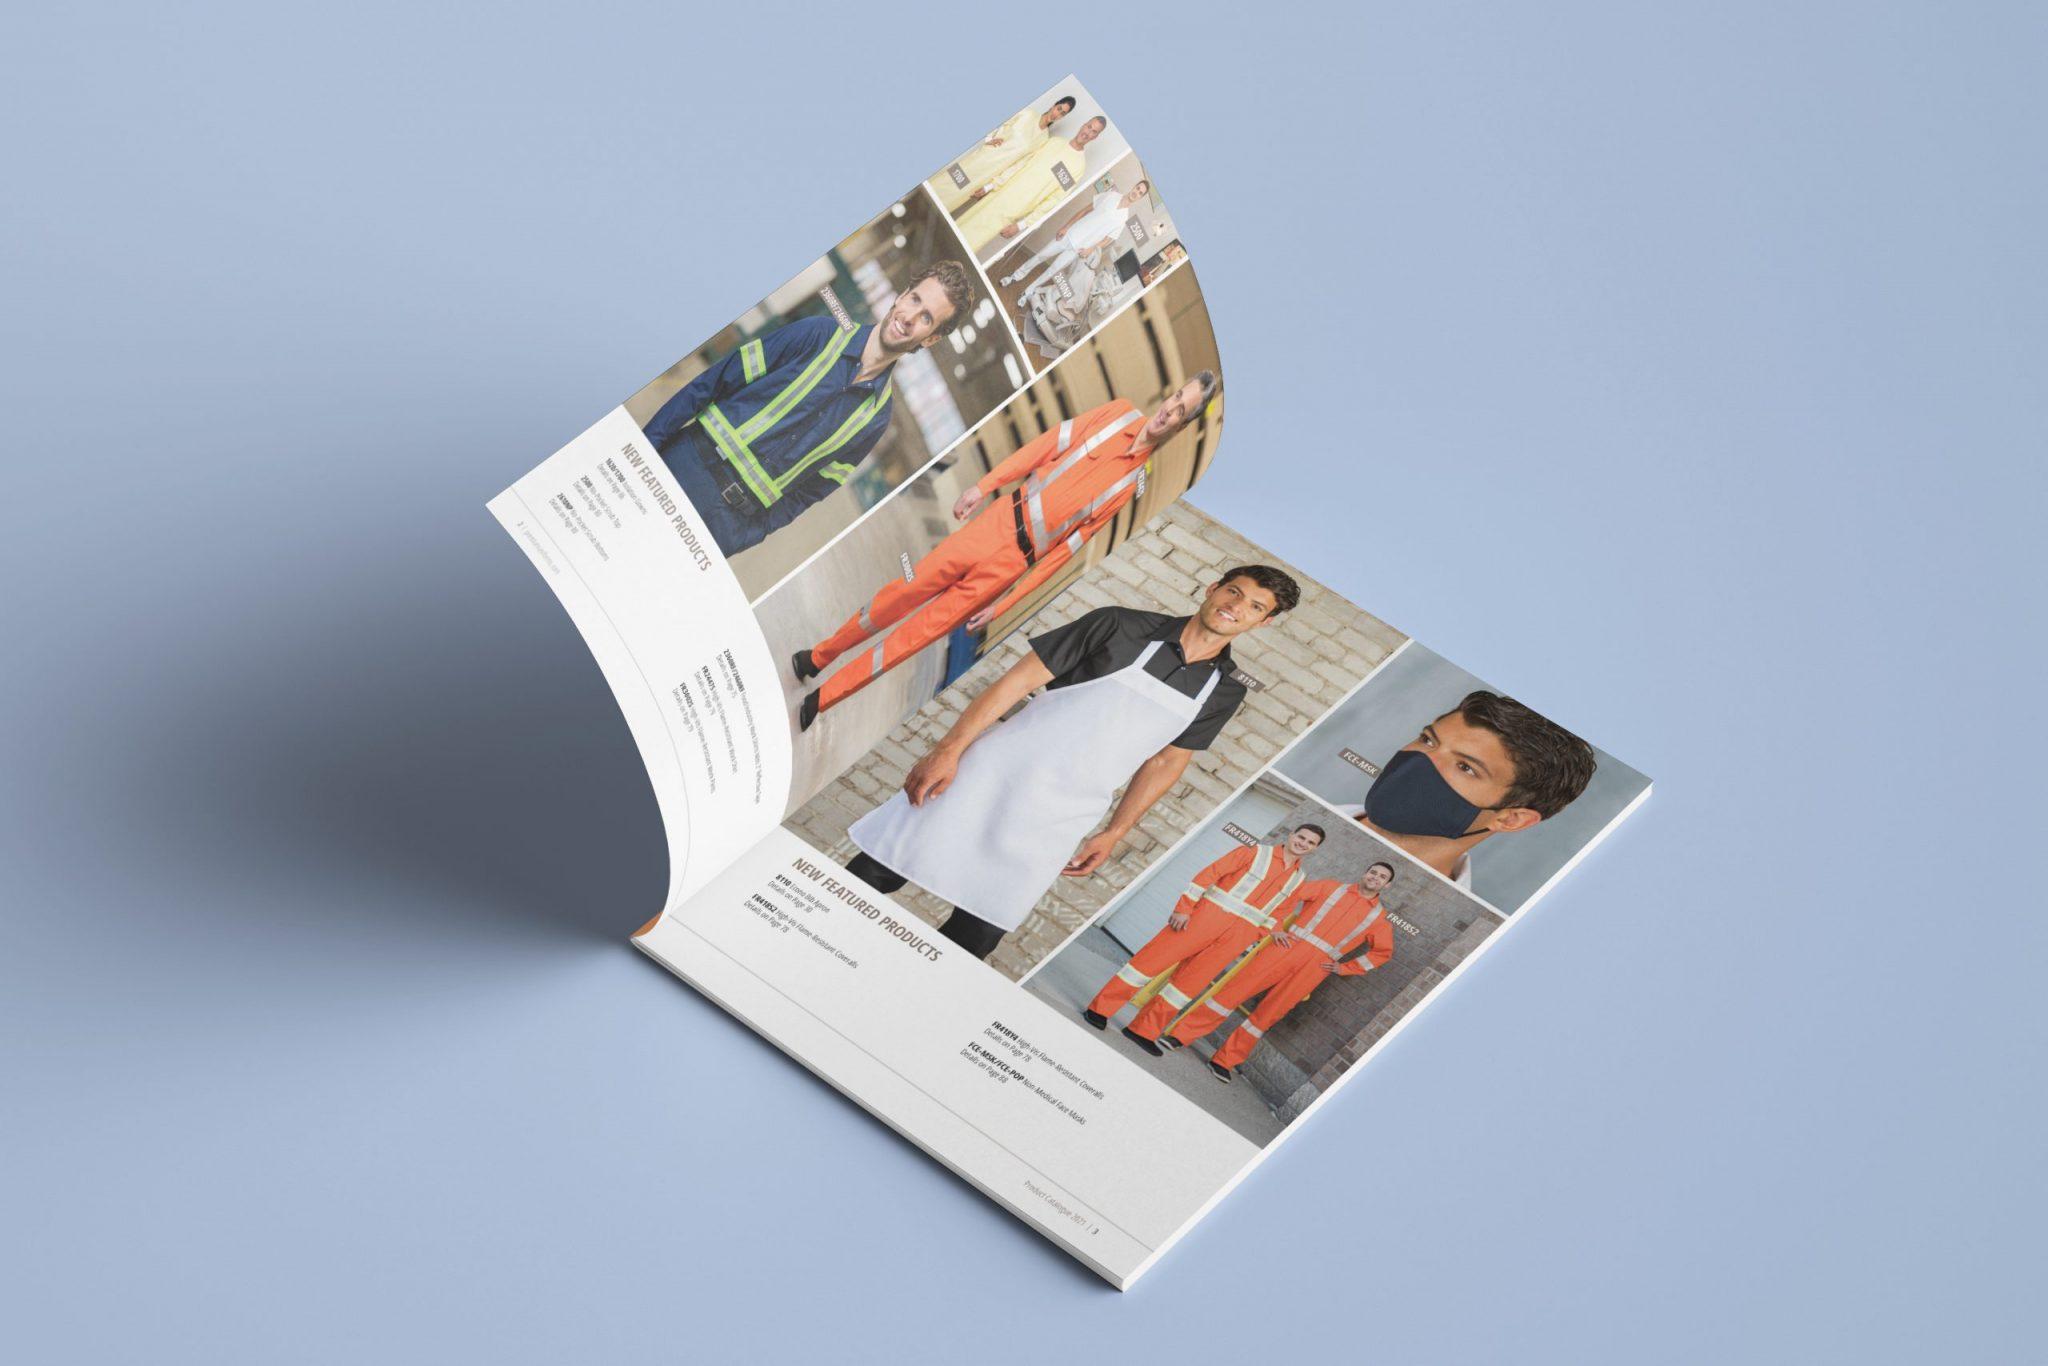 premium-uniforms-catalog-spread-2